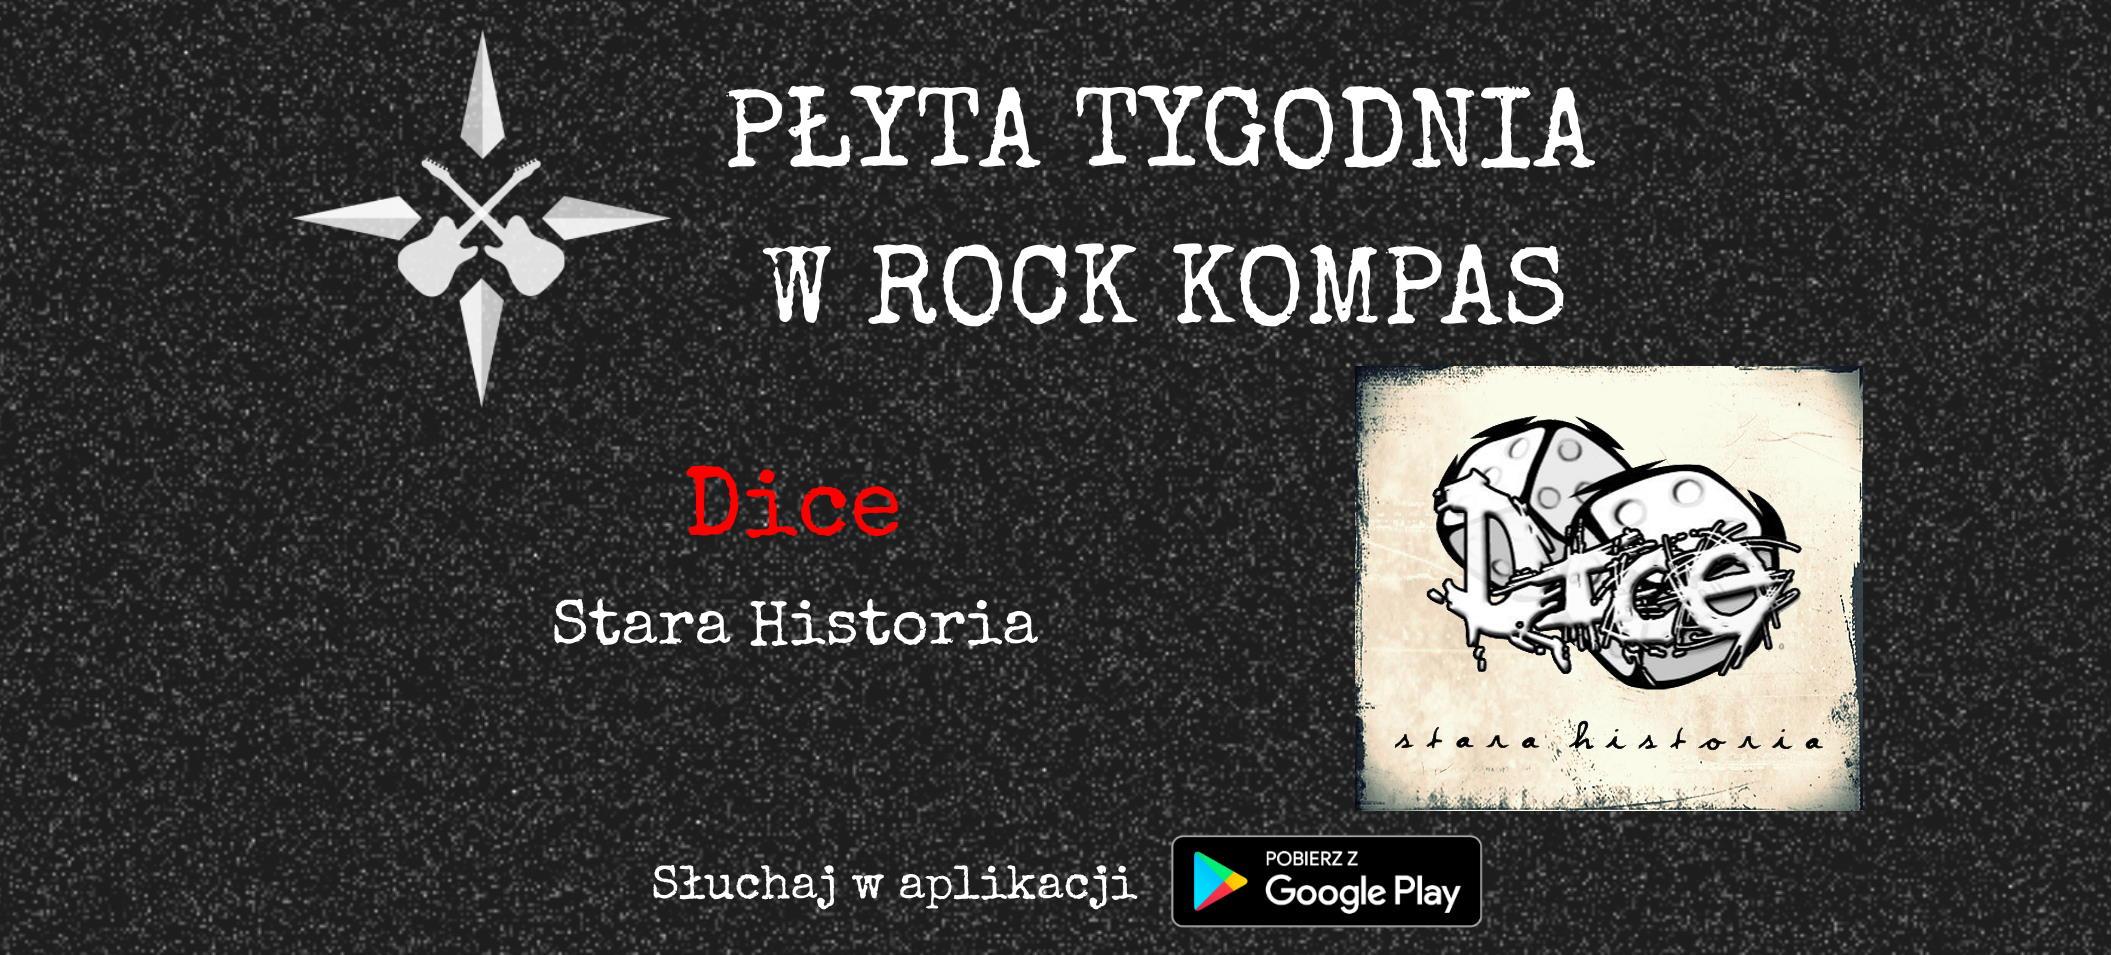 Płyta tygodnia w Rock Kompas: Dice - Stara Historia